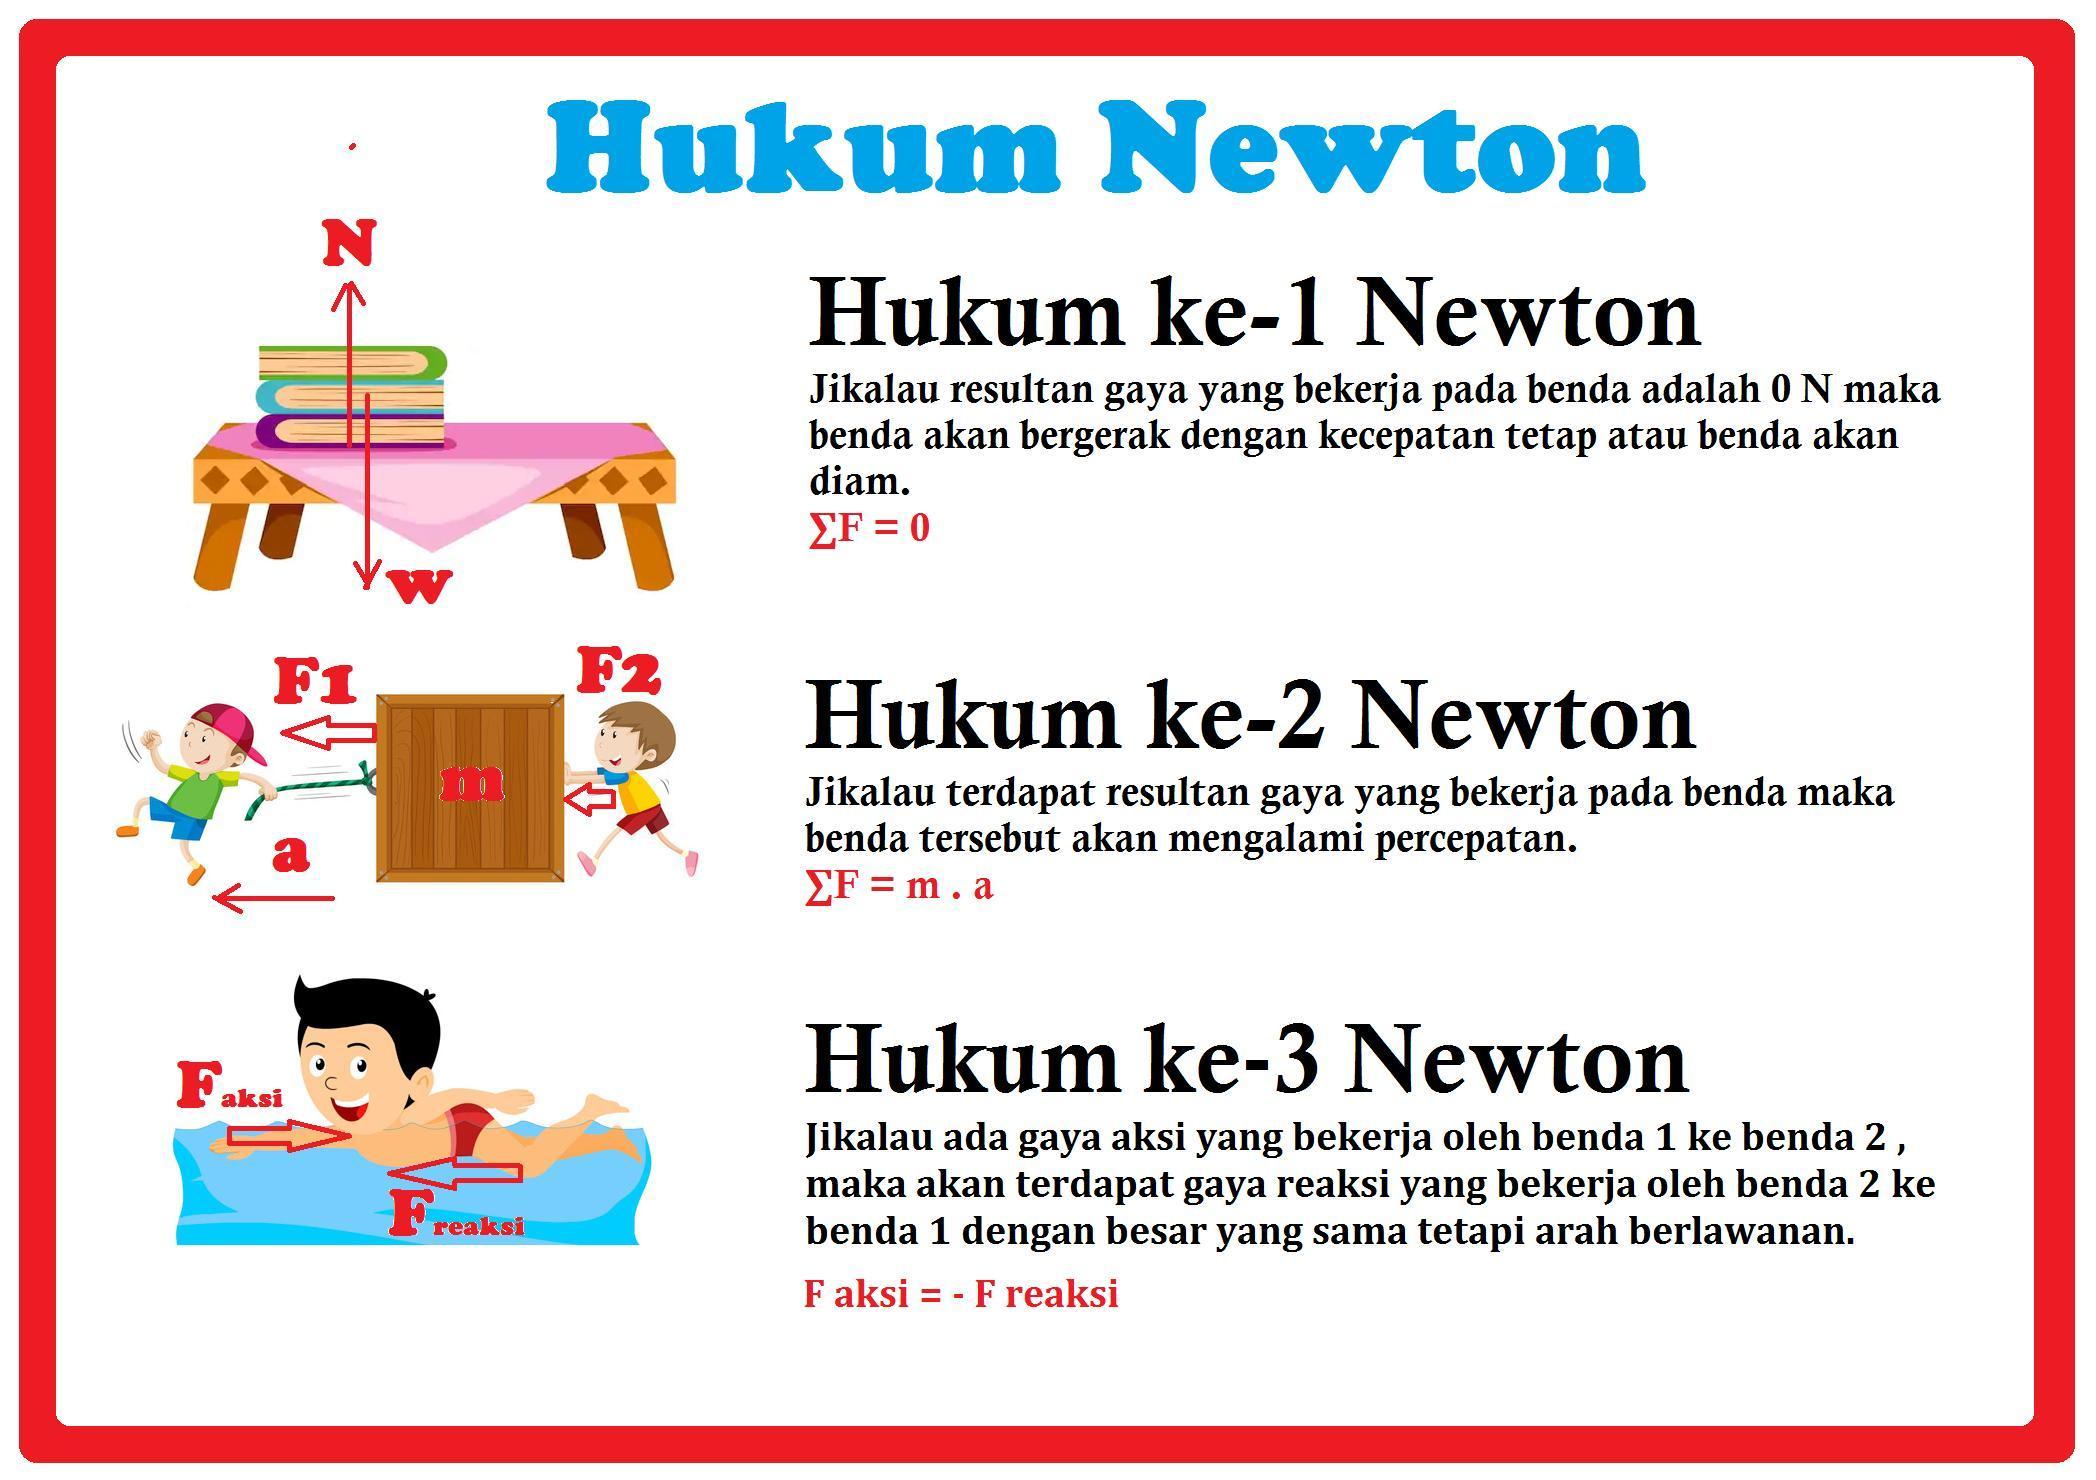 Hukum Newton Bunyi Rumus Amp Contoh Soal Hukum Newton 1 2